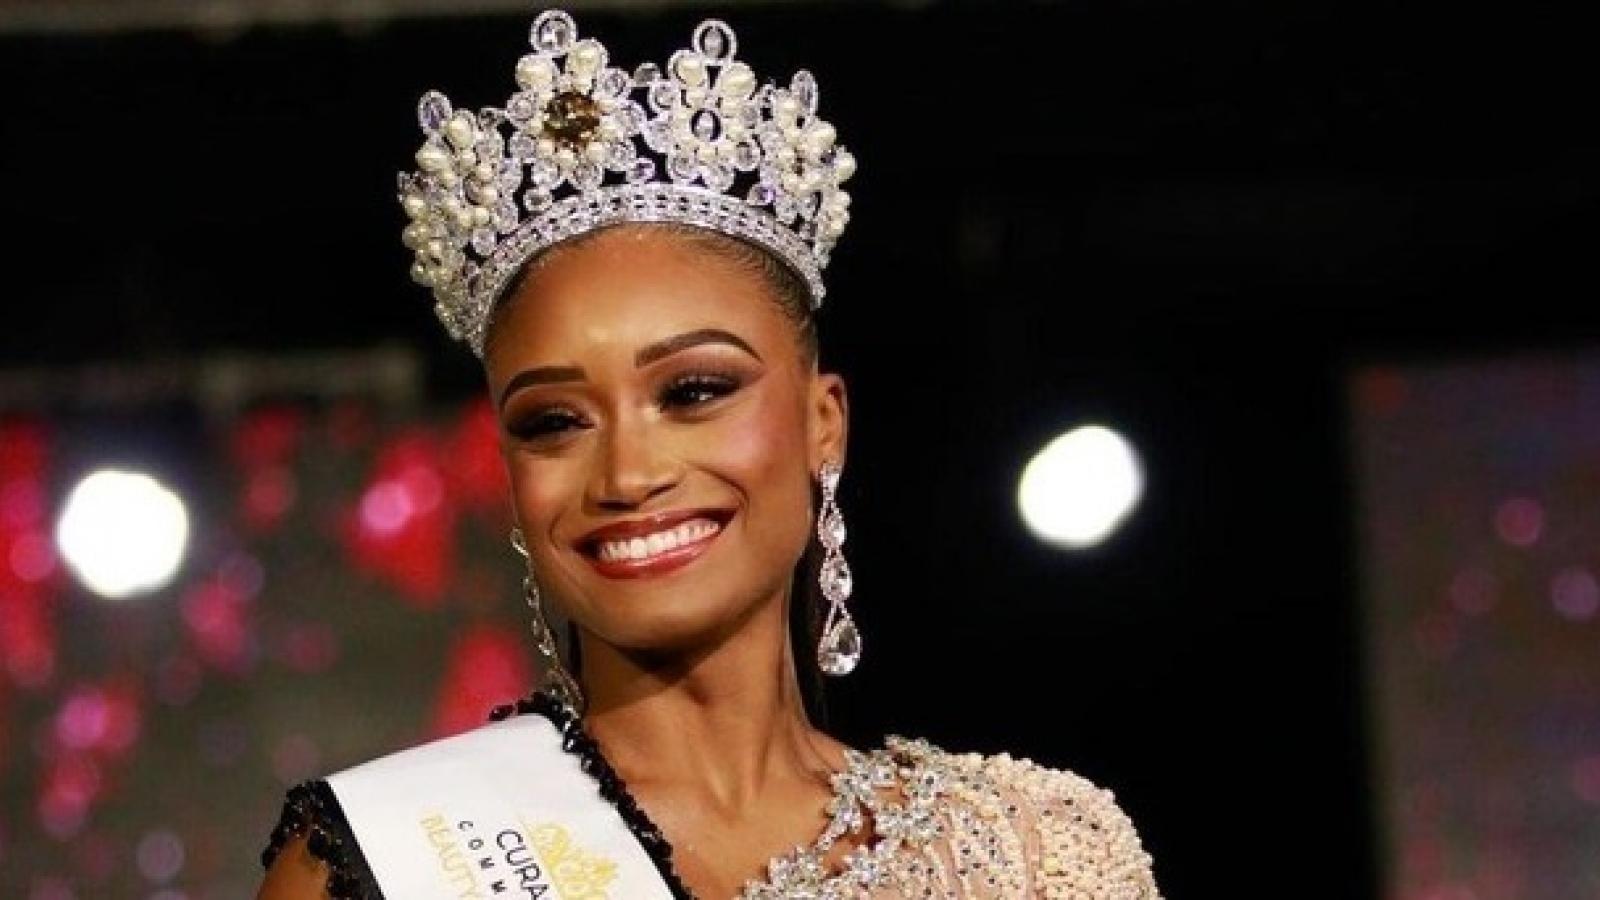 Vẻ đẹp nổi bật của tân Hoa hậu Hoàn vũ Curacao 2021